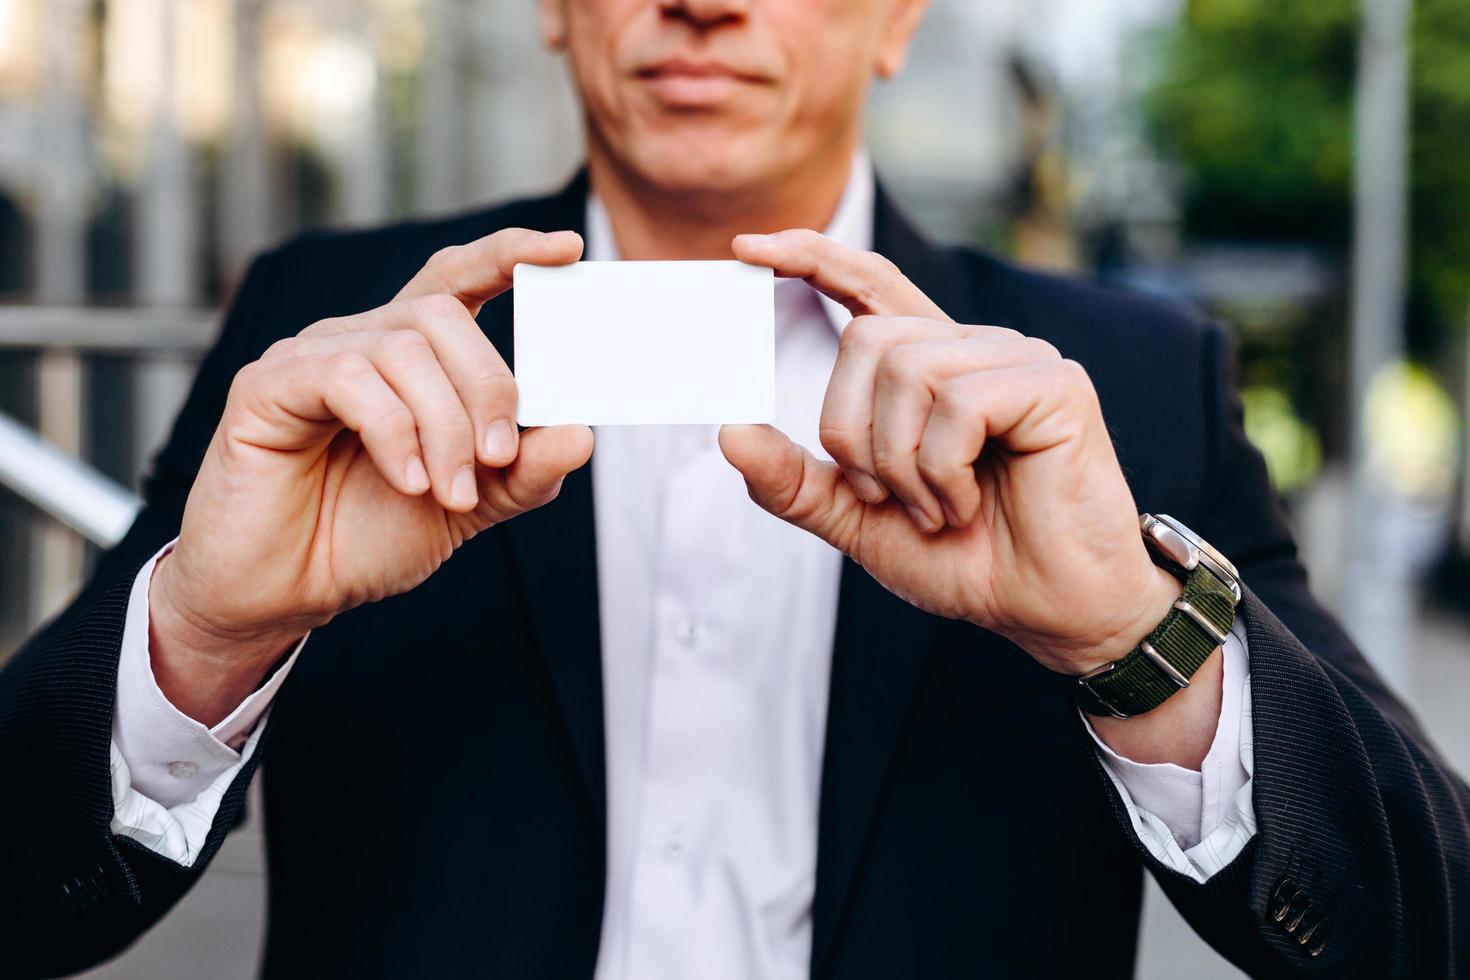 närbild vit tom tom mockup av visitkort i manliga händer - kopiera utrymme foto